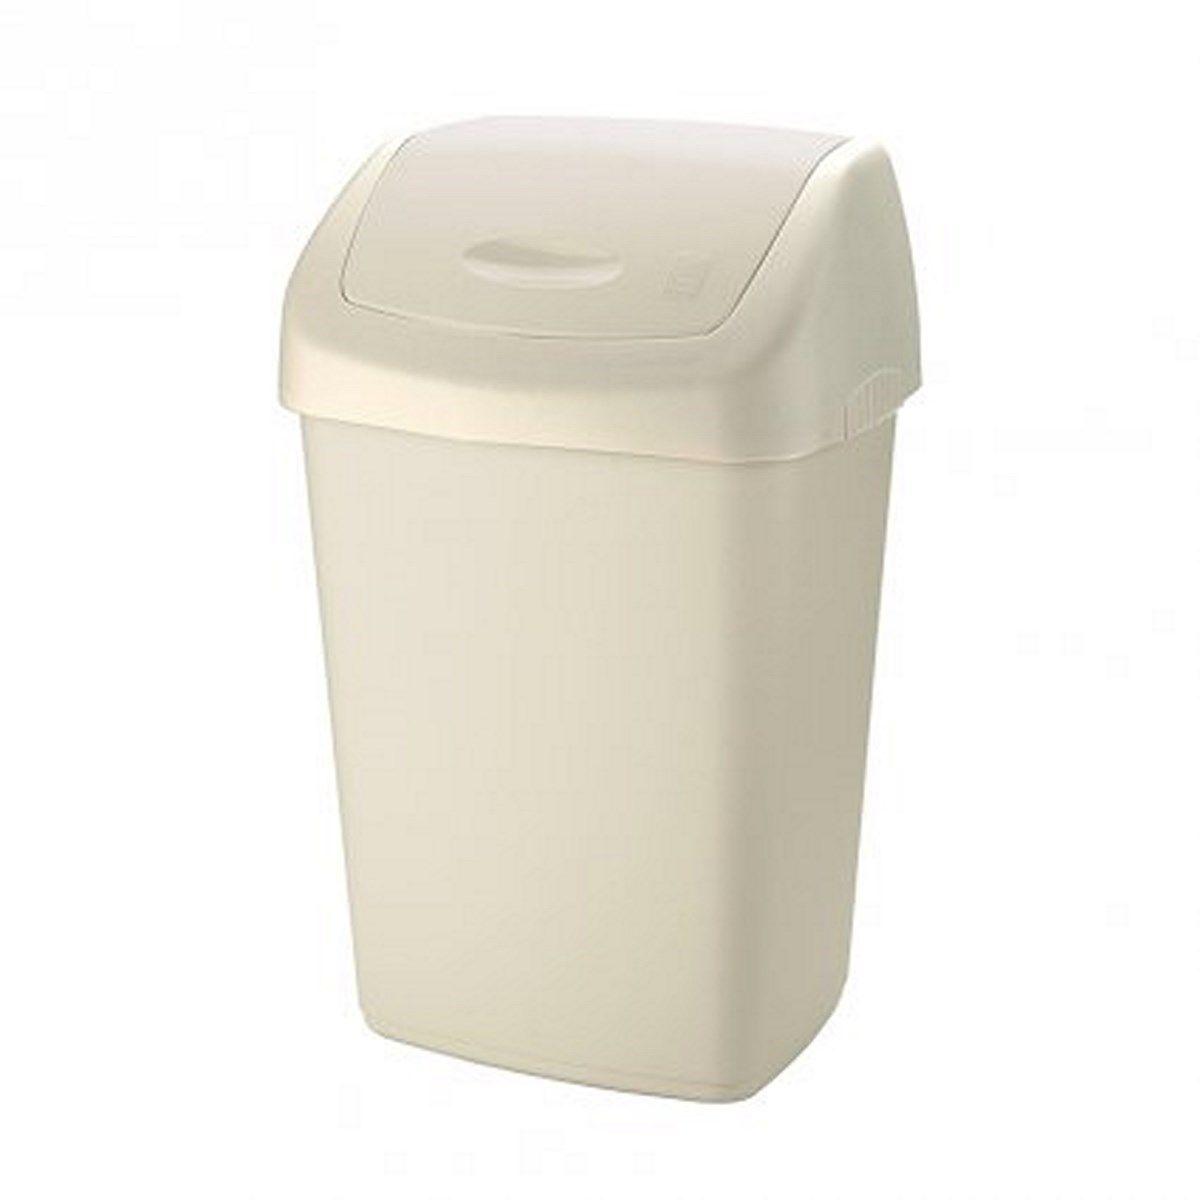 Odpadkový koš plast krémový 9L Tontarelli